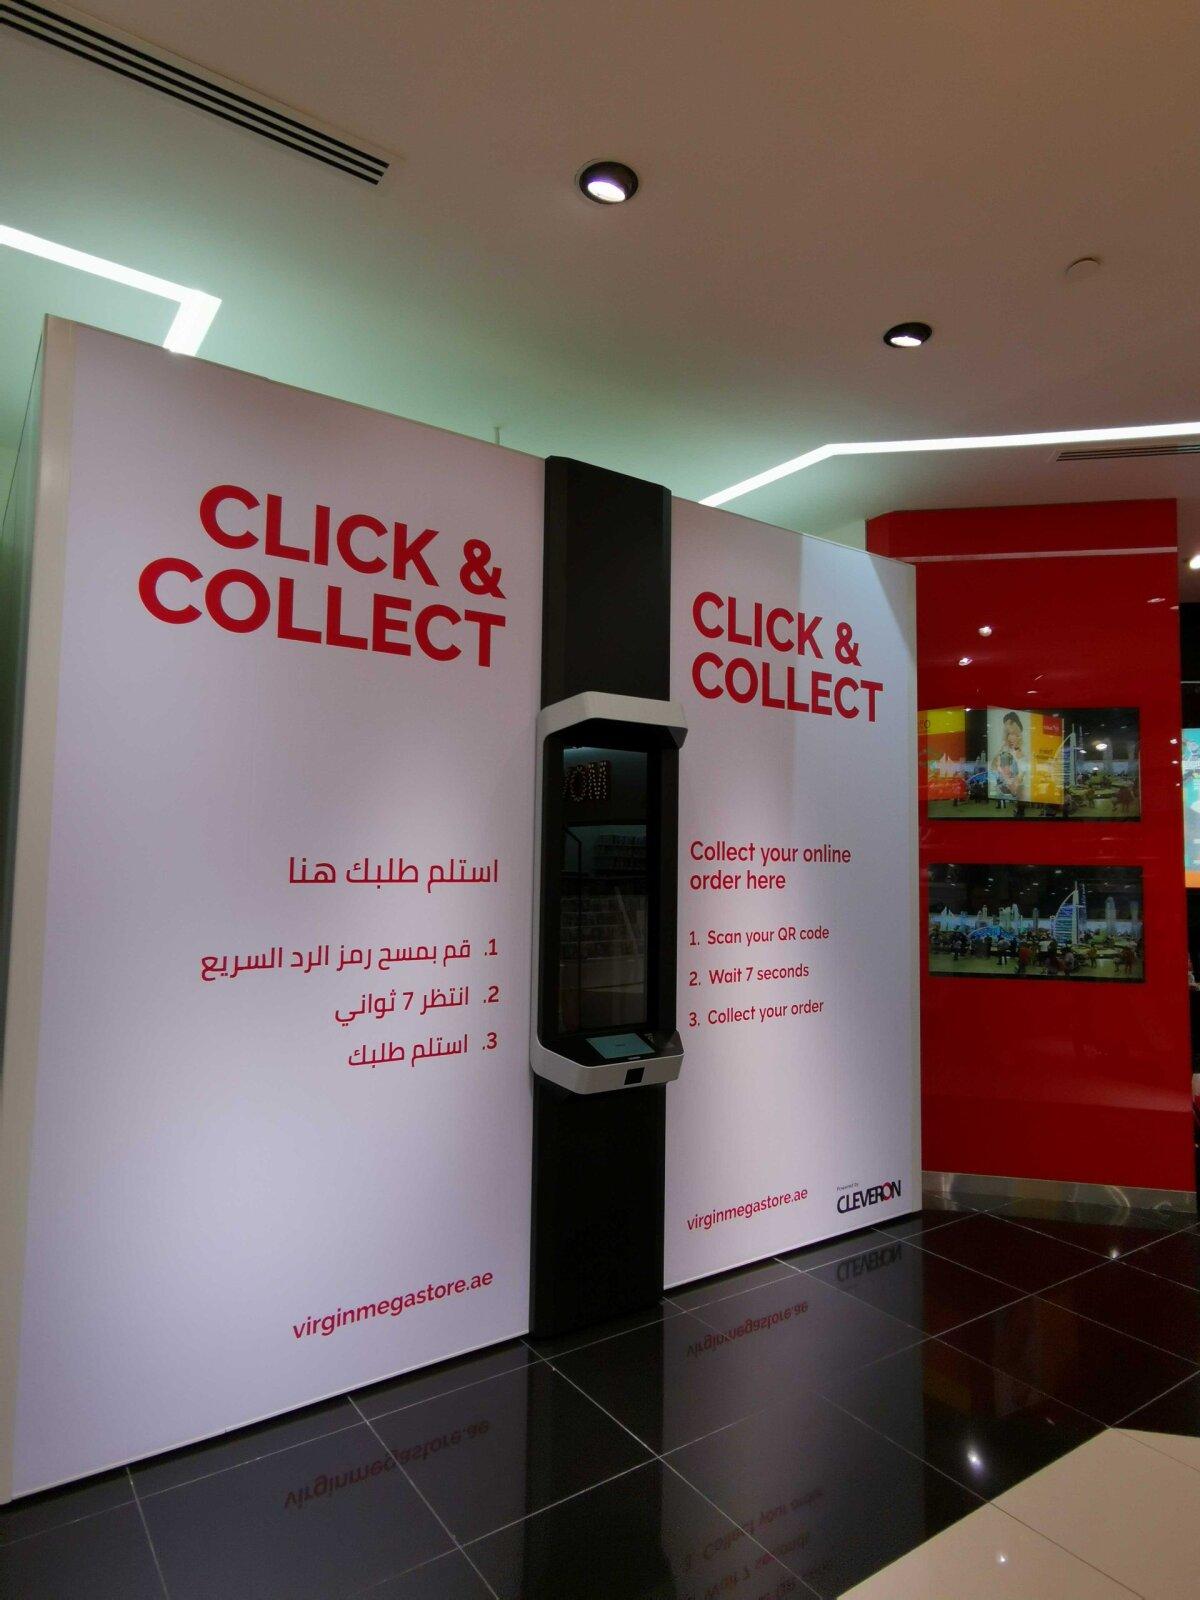 Cleveroni esimeseks kliendiks Lähis-Idas sai Dubai Virgin Megastore